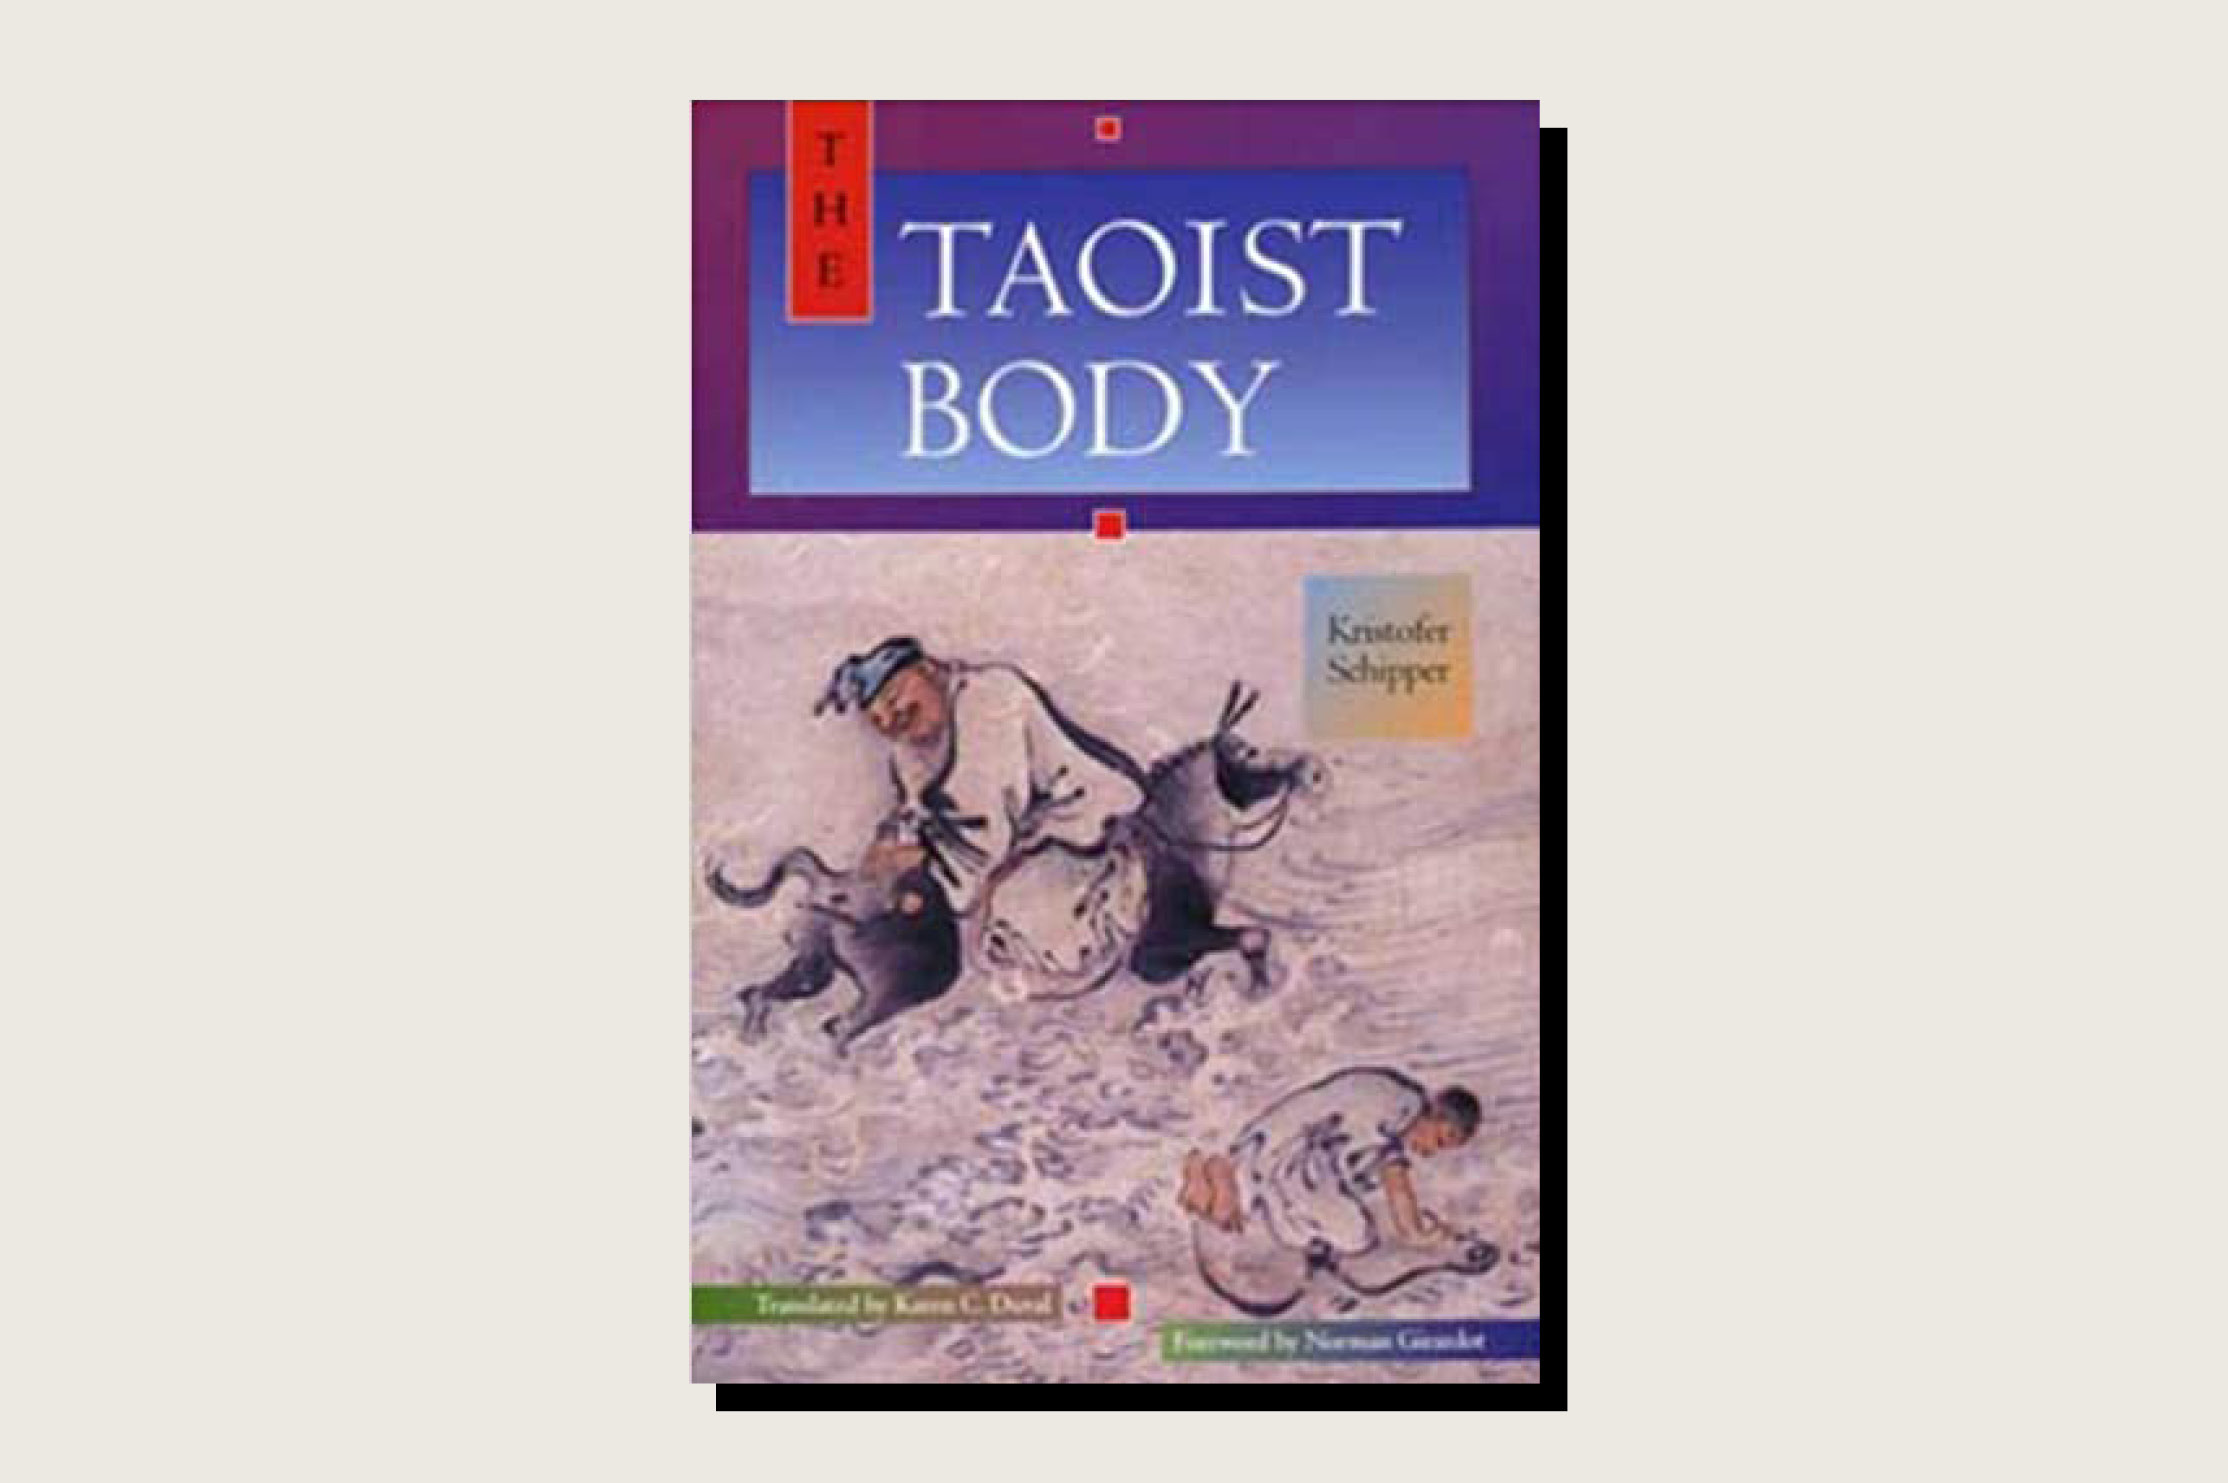 <em>The Taoist Body</em>, Kristofer Schipper, University of California Press, 312 pp., .95, 1994.